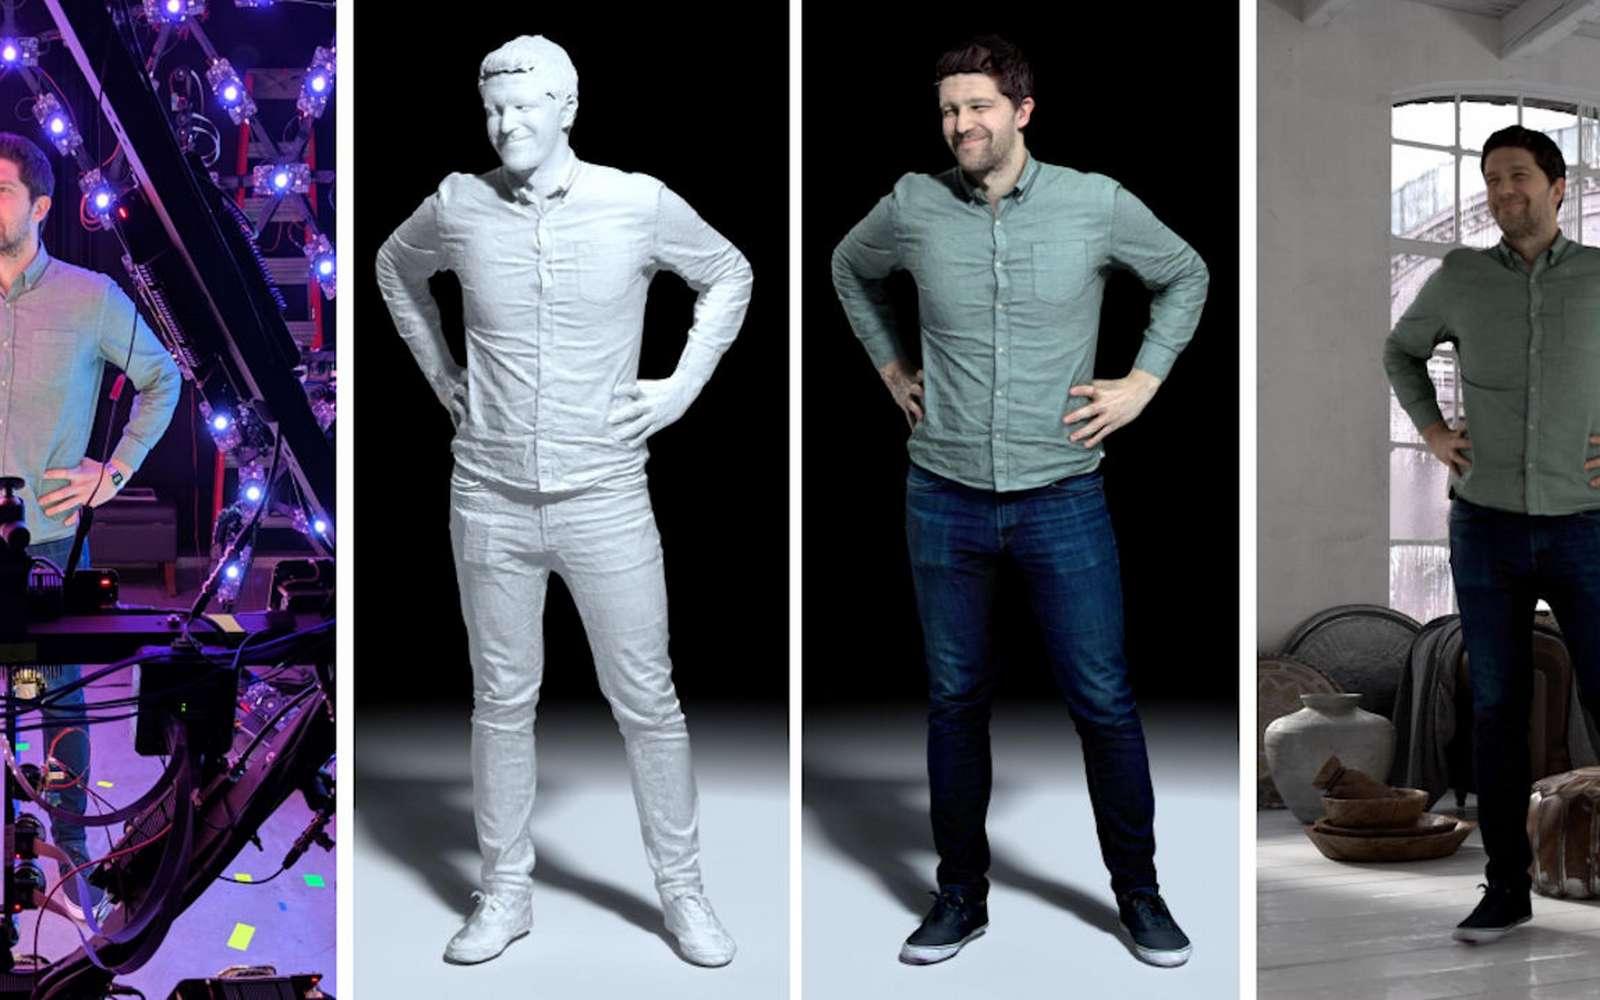 Avec ce système, la représentation en 3D d'une personne devient modifiable dans n'importe quel décor. © Google